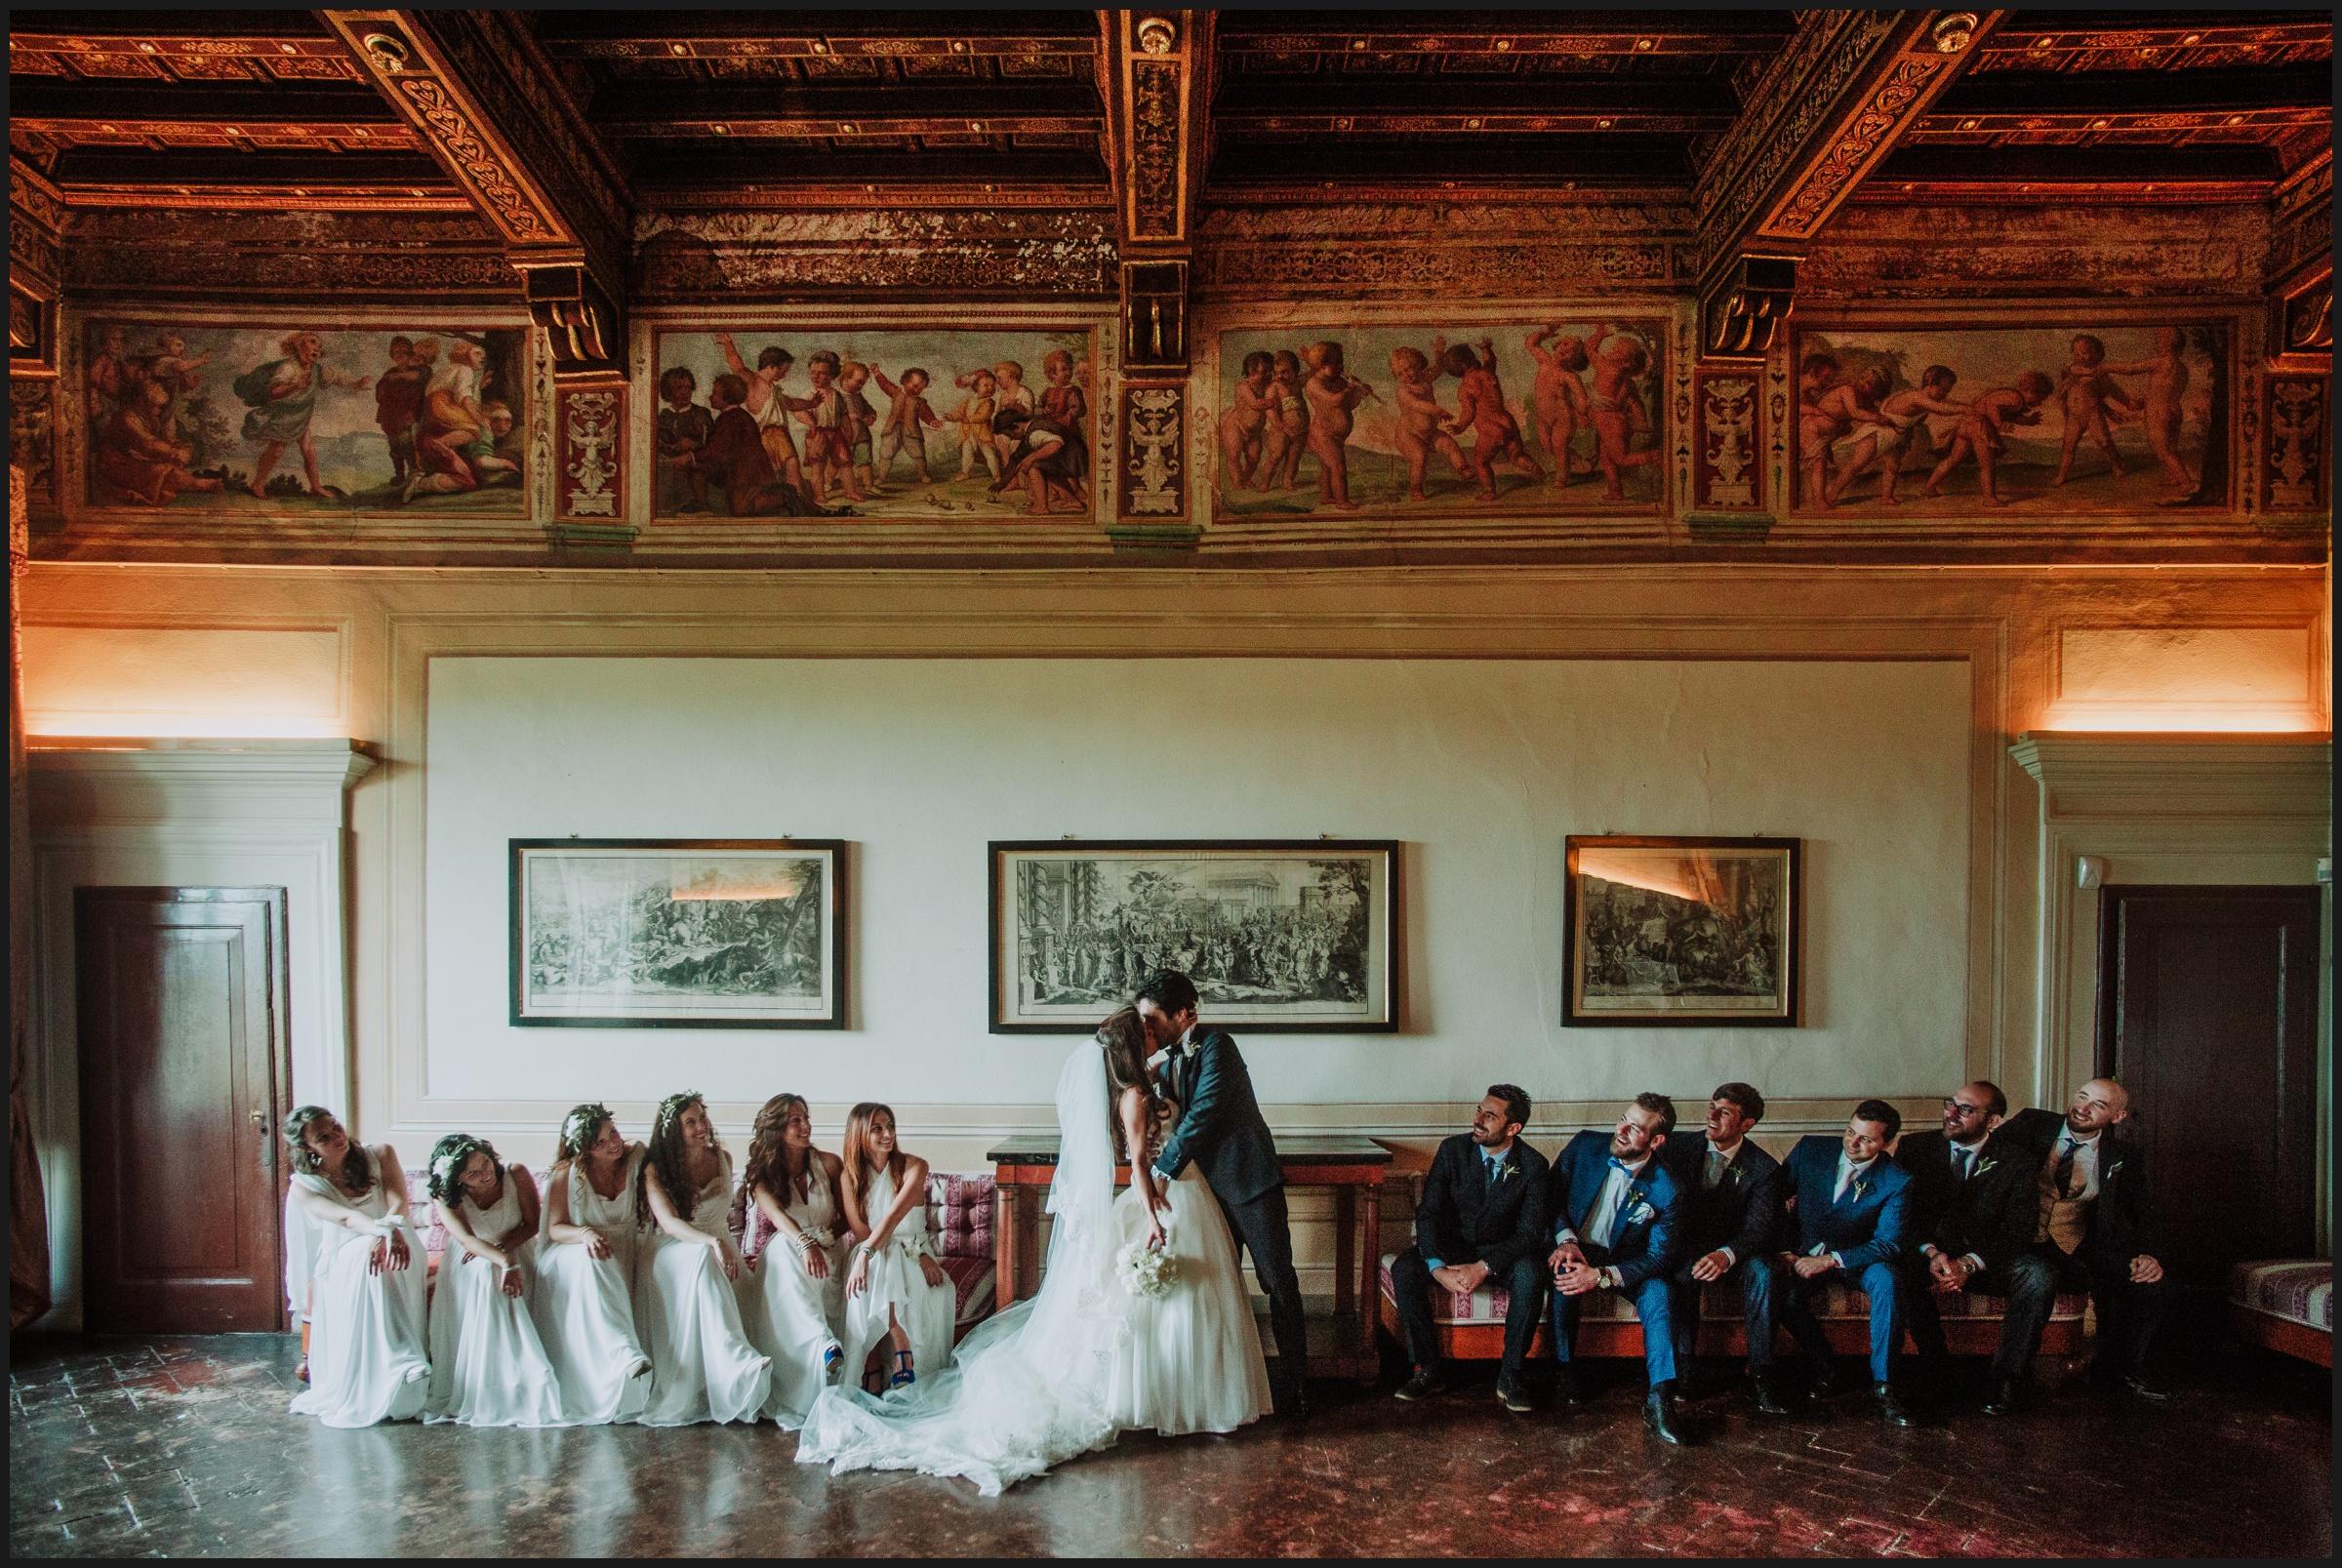 bridesmaids, groomsmen, bride and groom kiss